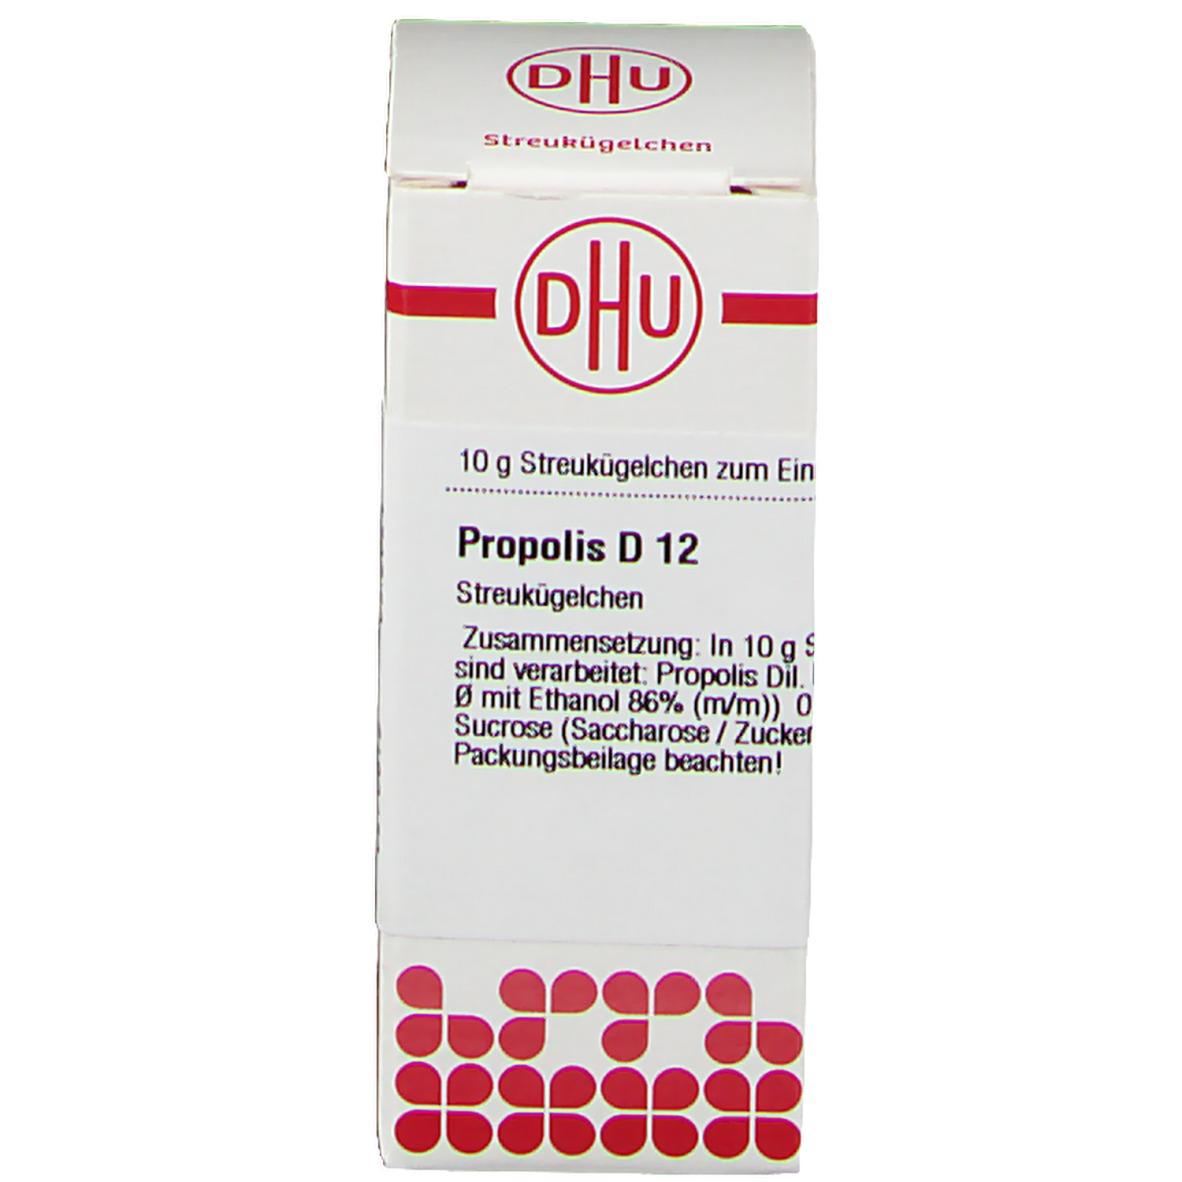 DHU Propolis D12